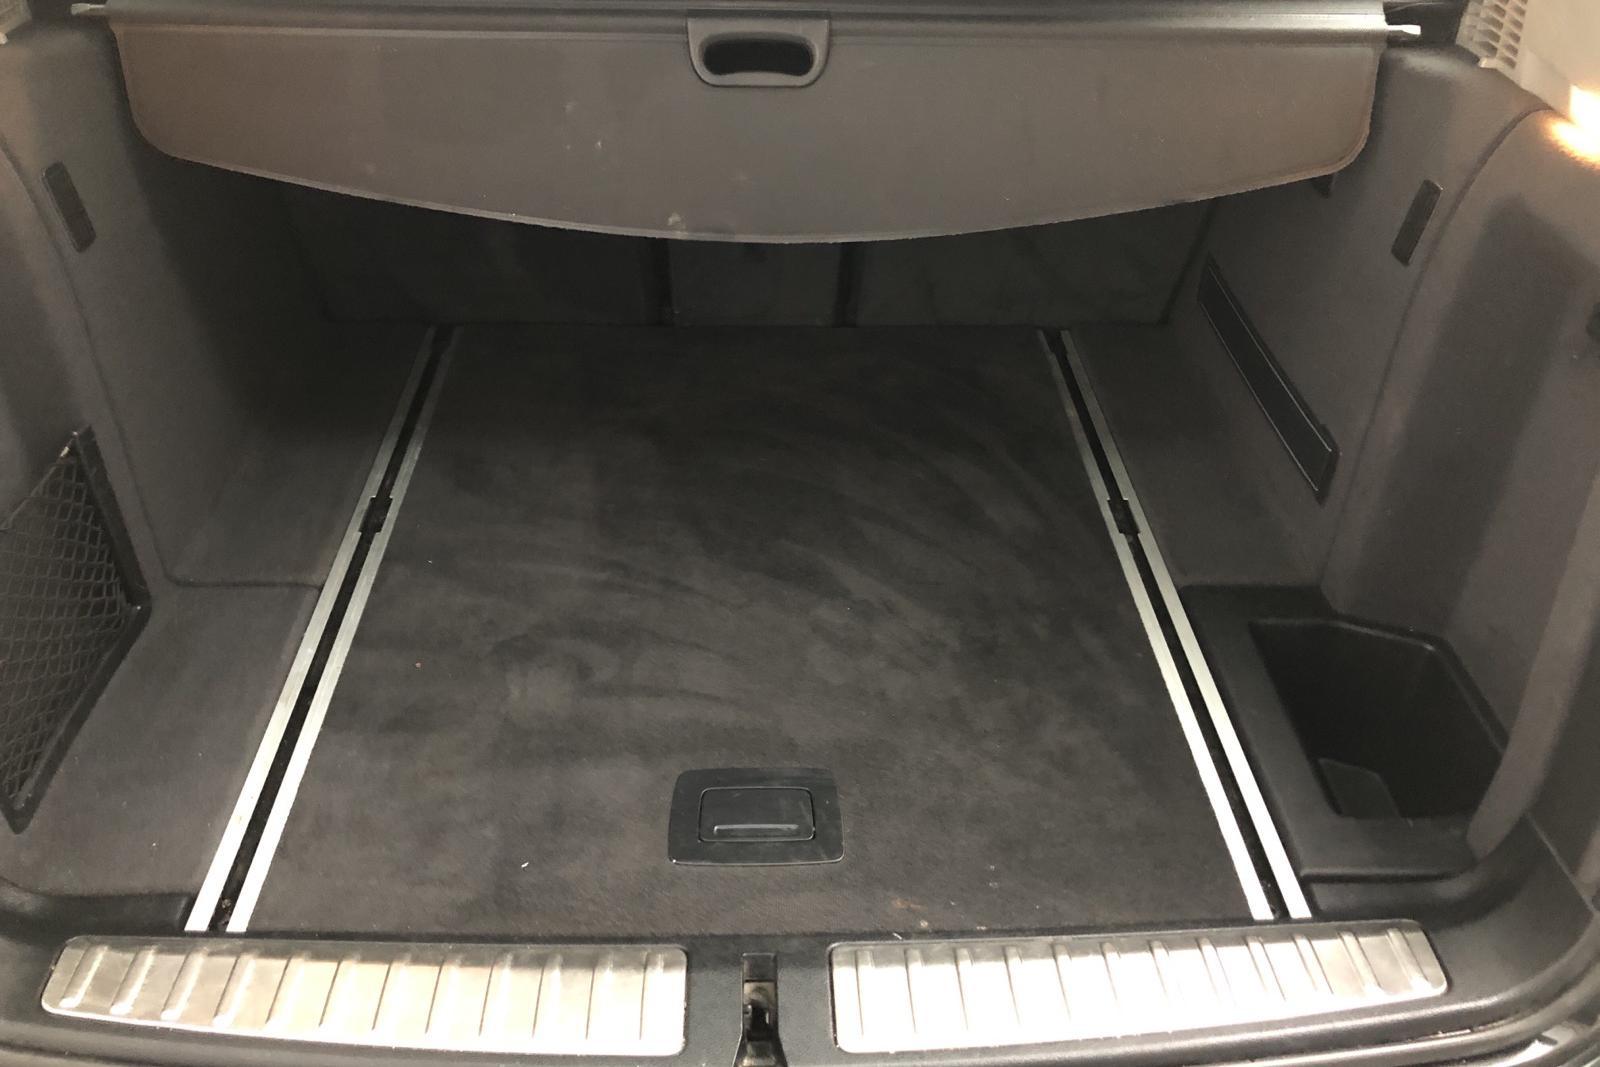 BMW X3 xDrive20d, F25 (184hk) - 175 810 km - Automatic - black - 2012